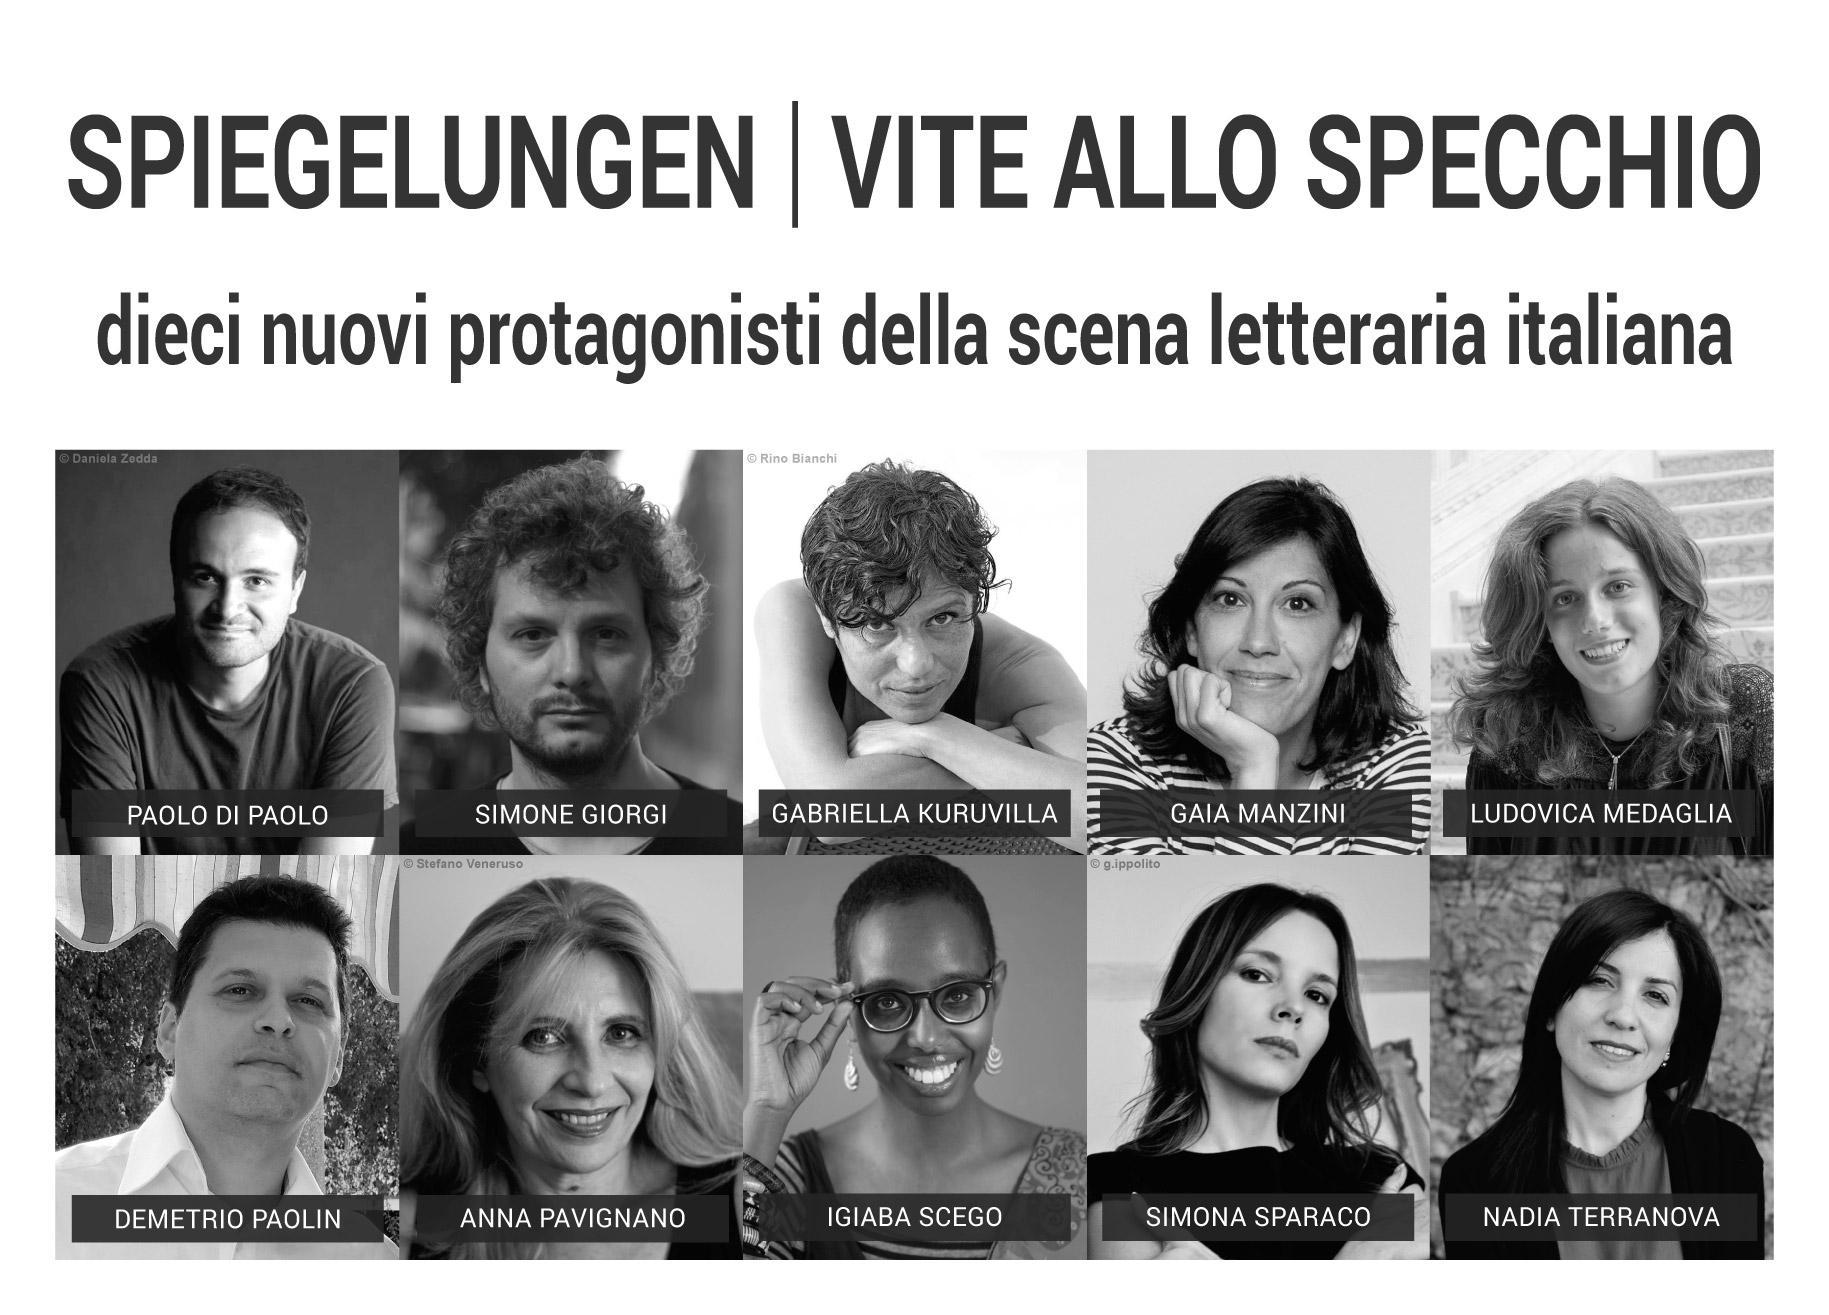 Presentazione serata Spiegelungen Vite allo specchio dieci nuovi protagonisti della scena letteraria italiana 25 ottobre 2018